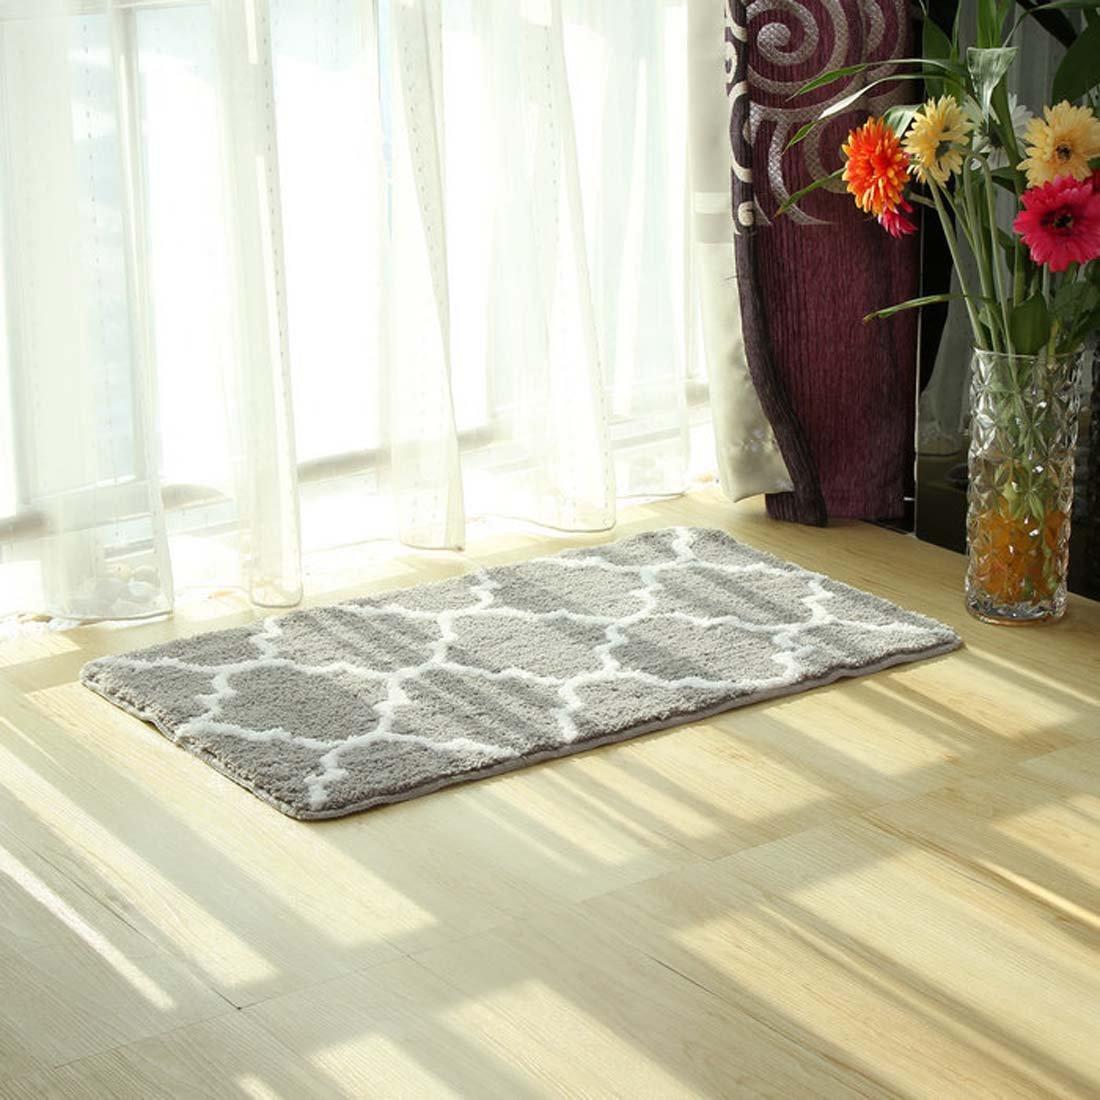 Home Decor Inside Shoe Scraper Floor Carpet 23x35 BABE MAPS Indoor Outdoor Doormat Entrance Welcome Mat Absorbent Runner Inserts Non Slip Entry Rug Funny Rectangular Splice